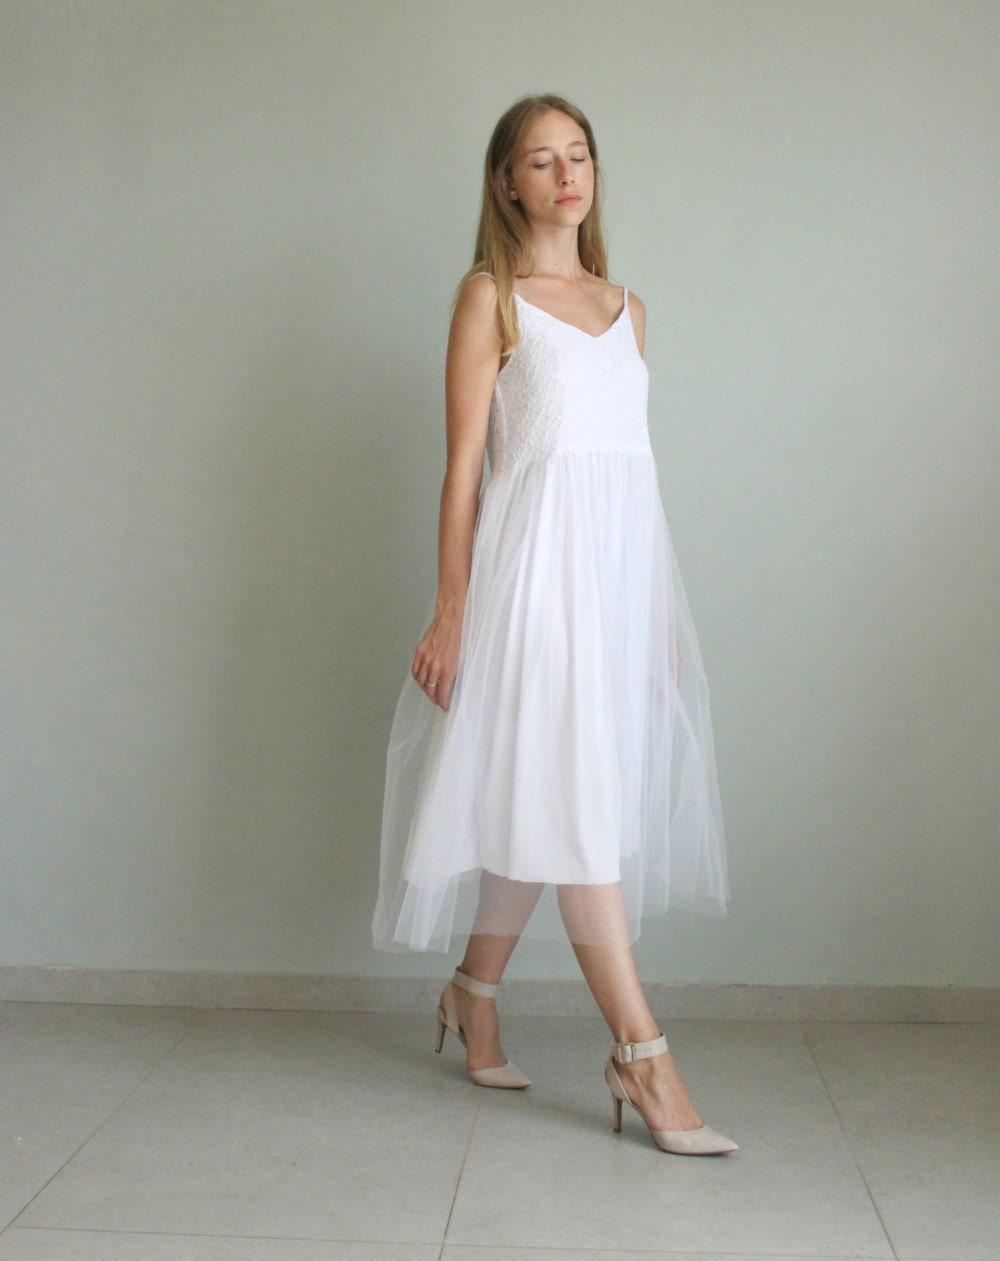 Boho Kleid weiße Hochzeit Tüll Hochzeit Kleid Brautkleid